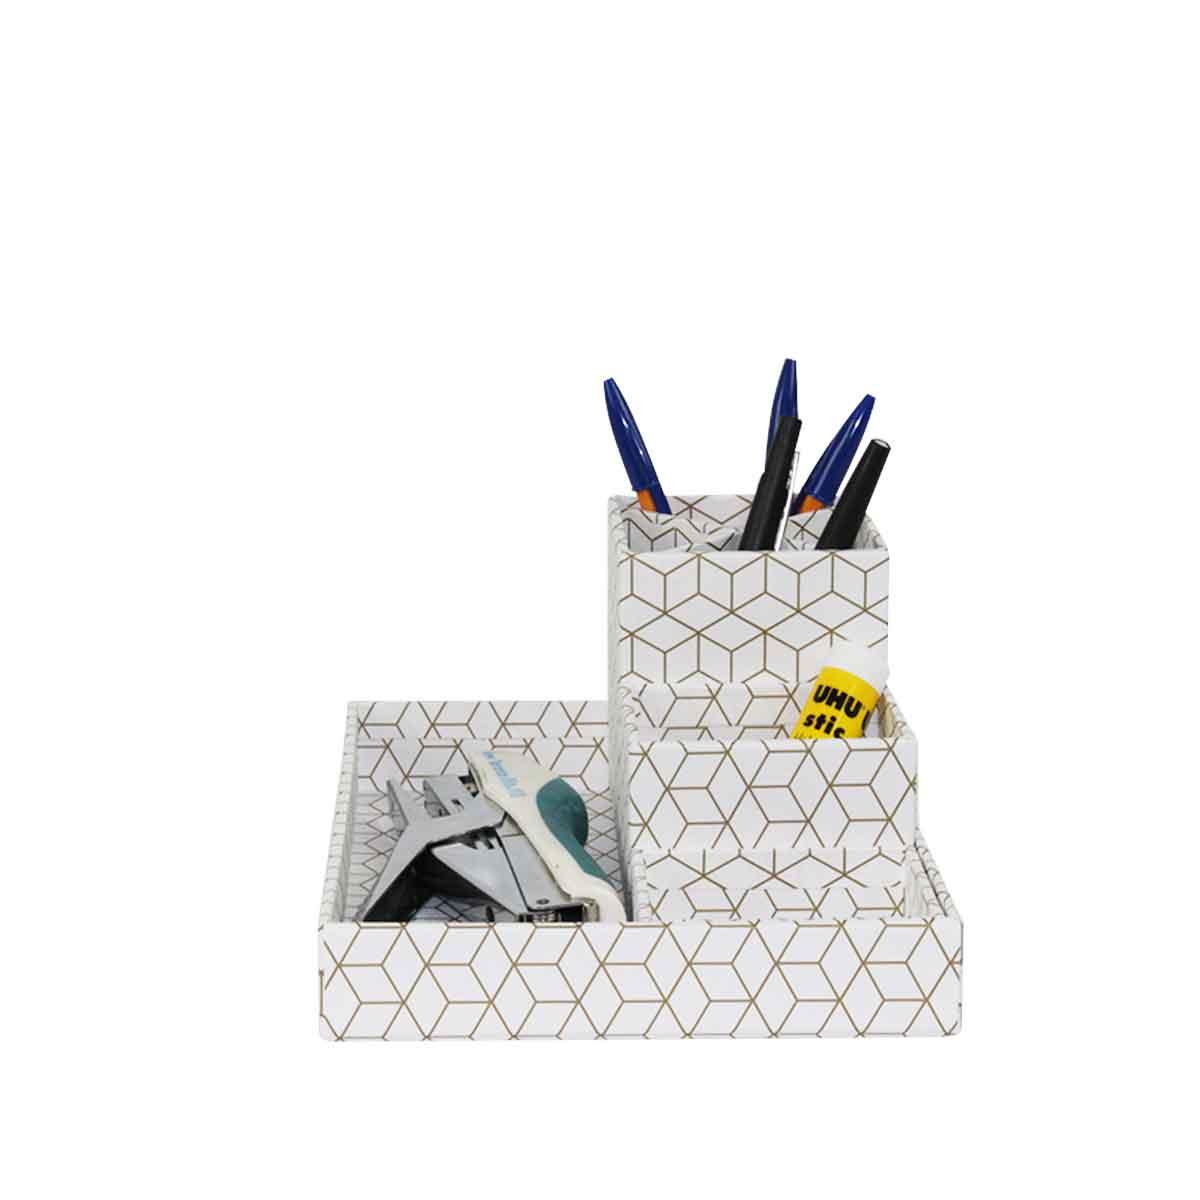 organisateur de bureau en carton blanc et motifs géométriques or